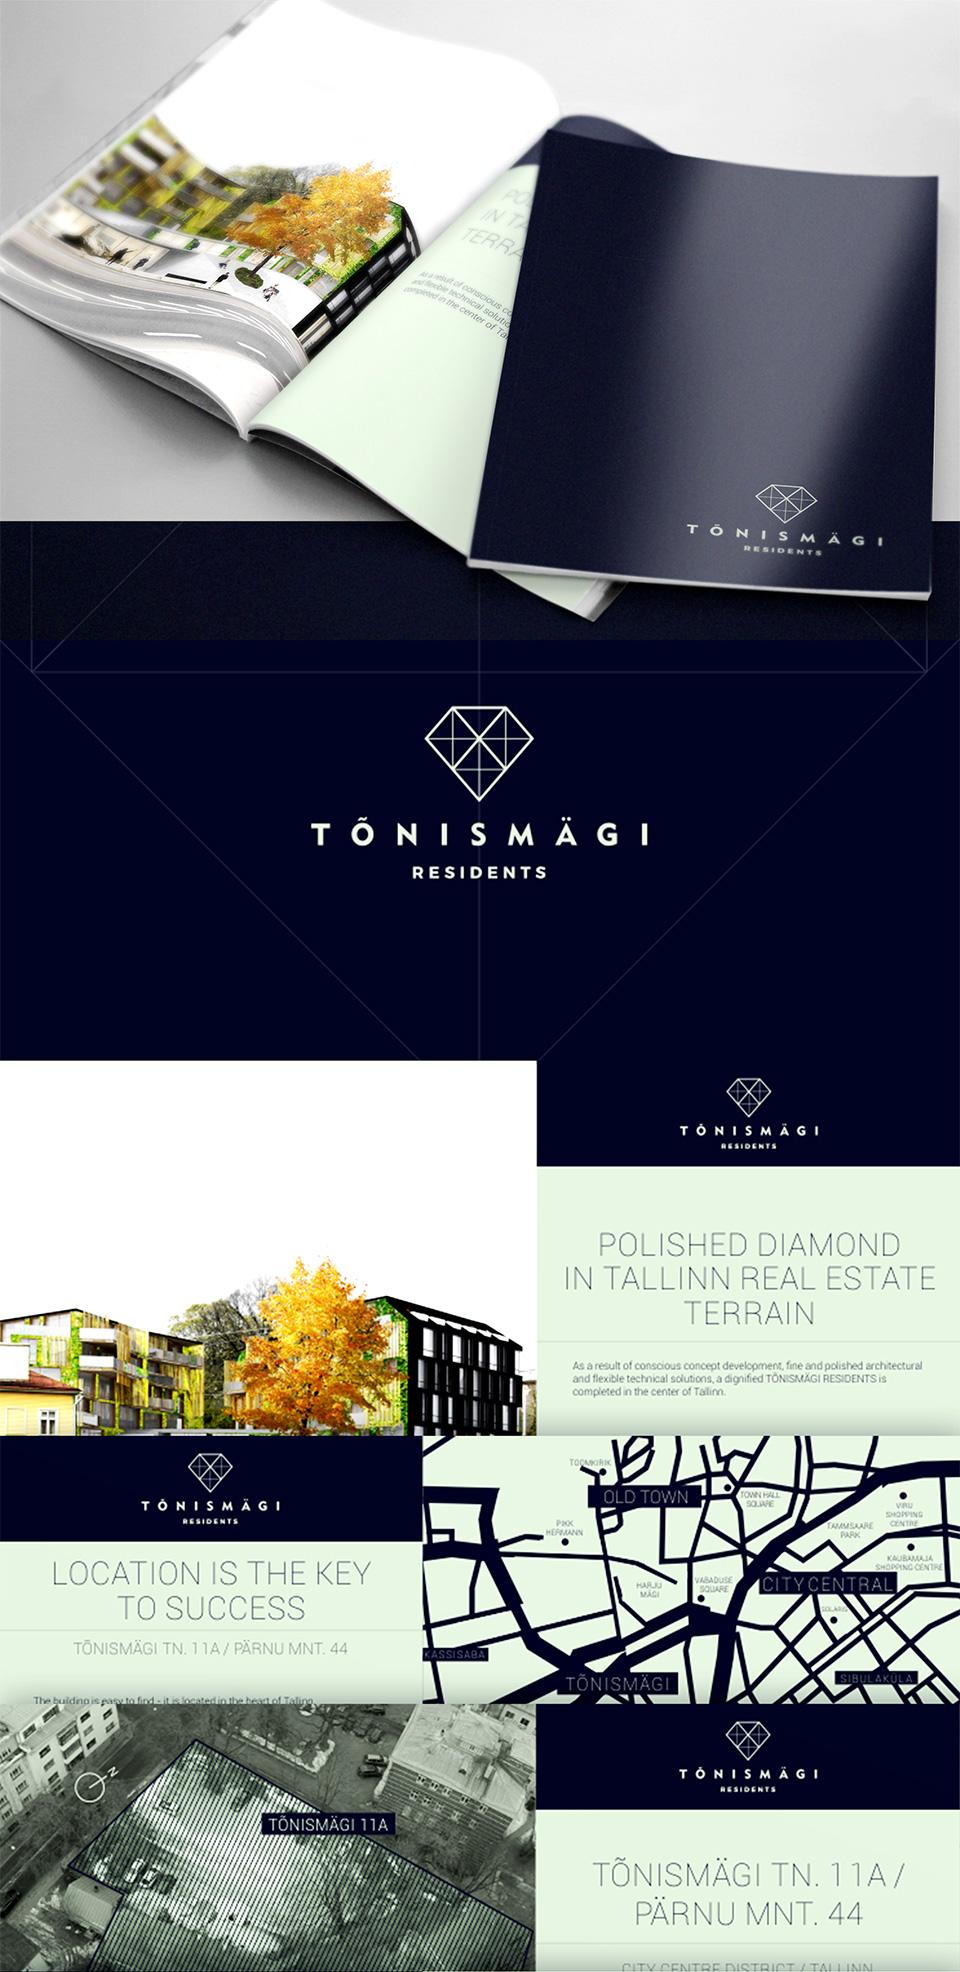 tonismagi-kataloog-1